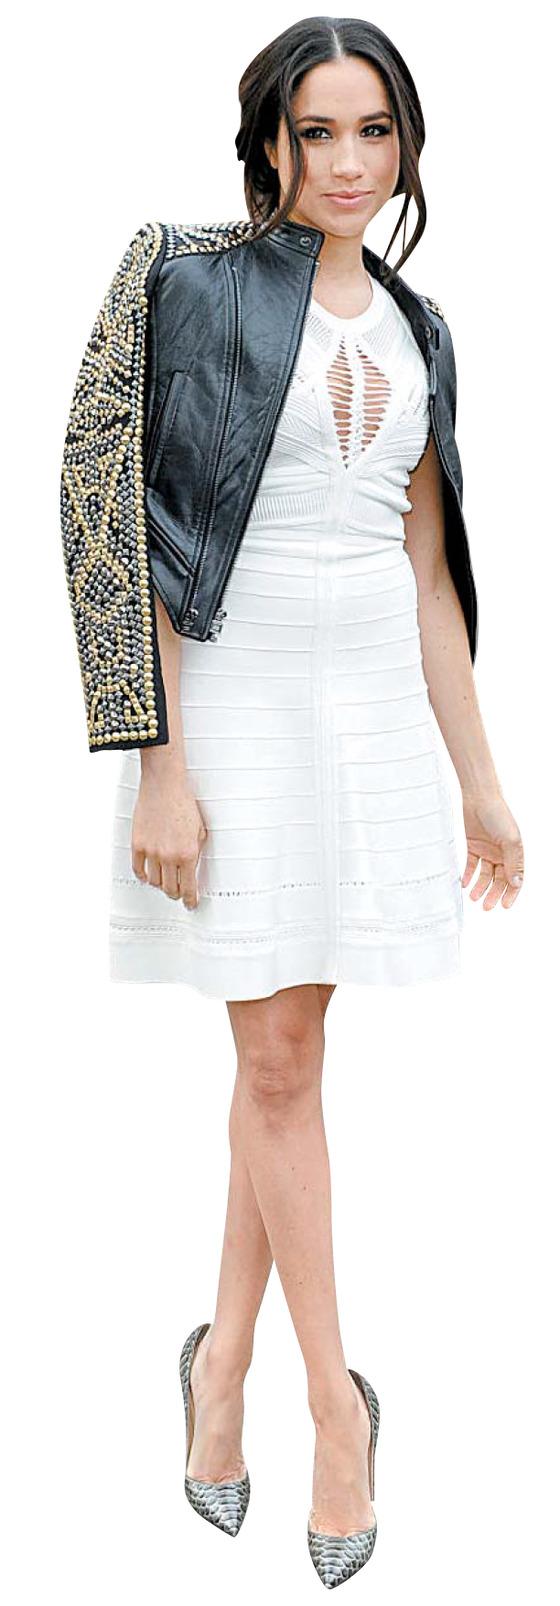 2014년 뉴욕 패션위크가 열린 링컨 센터 앞에서 포즈를 취한 마클.